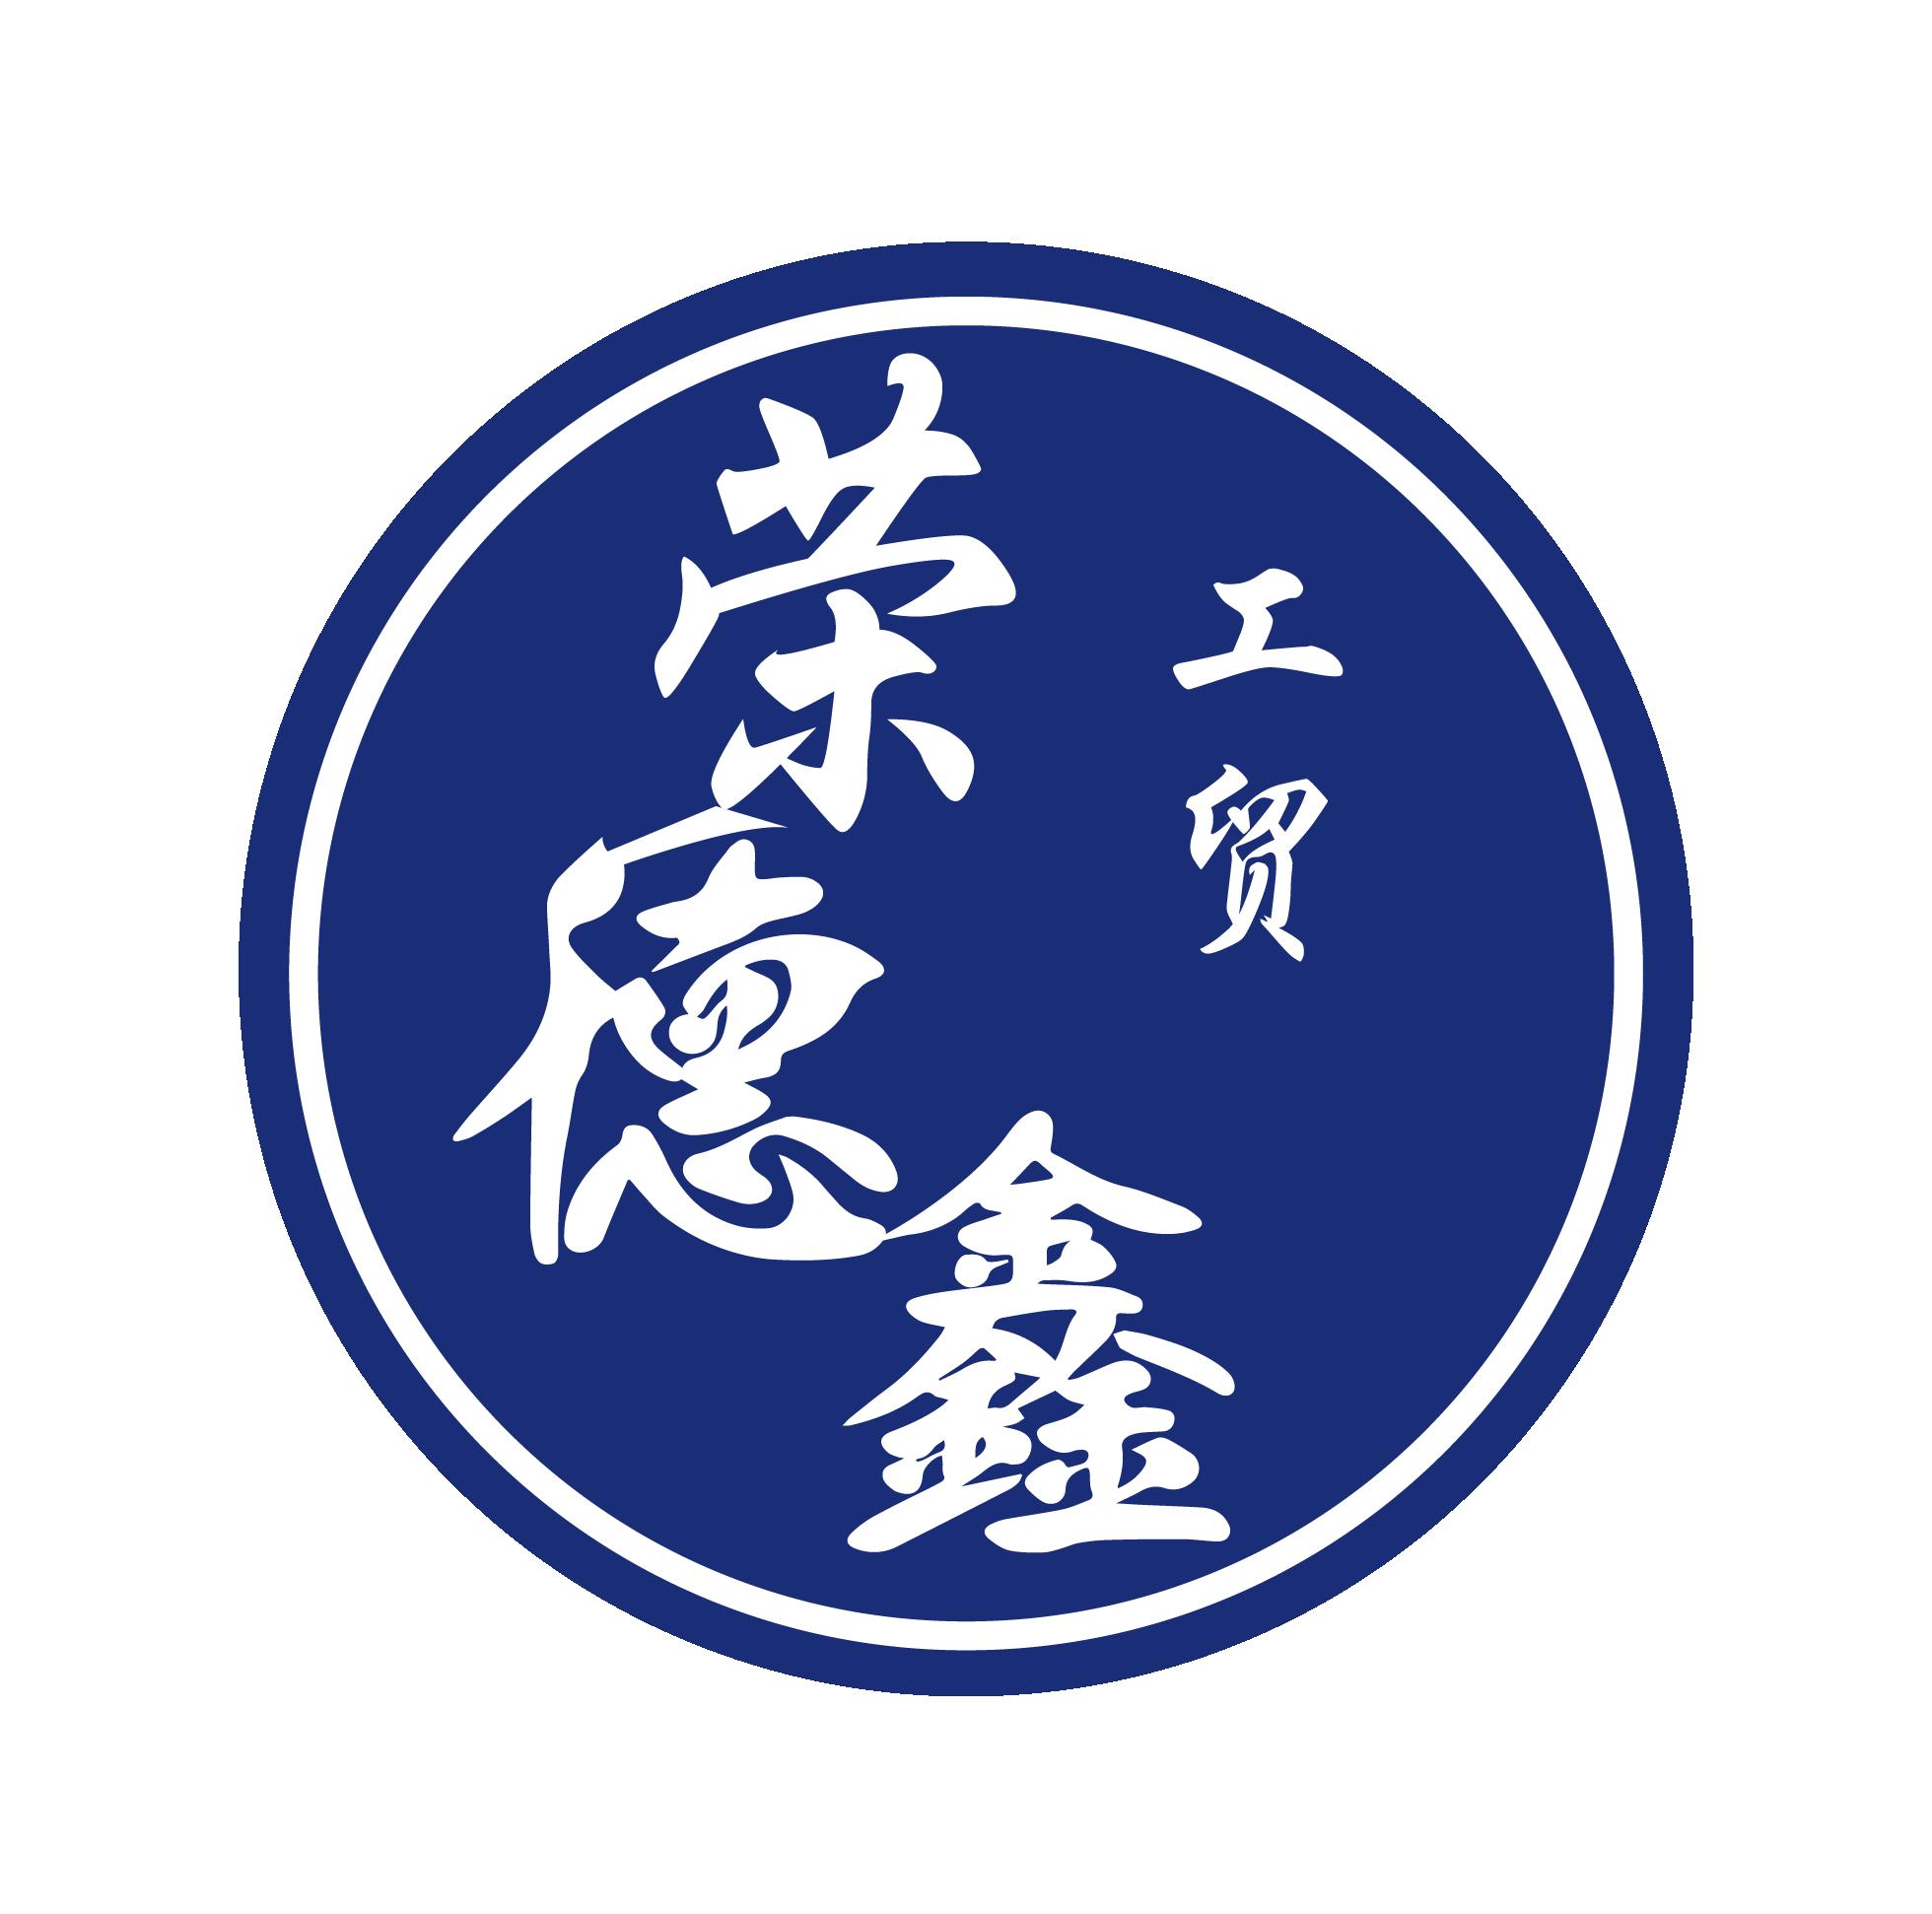 荣德鑫钢结构工贸(莆田)有限公司